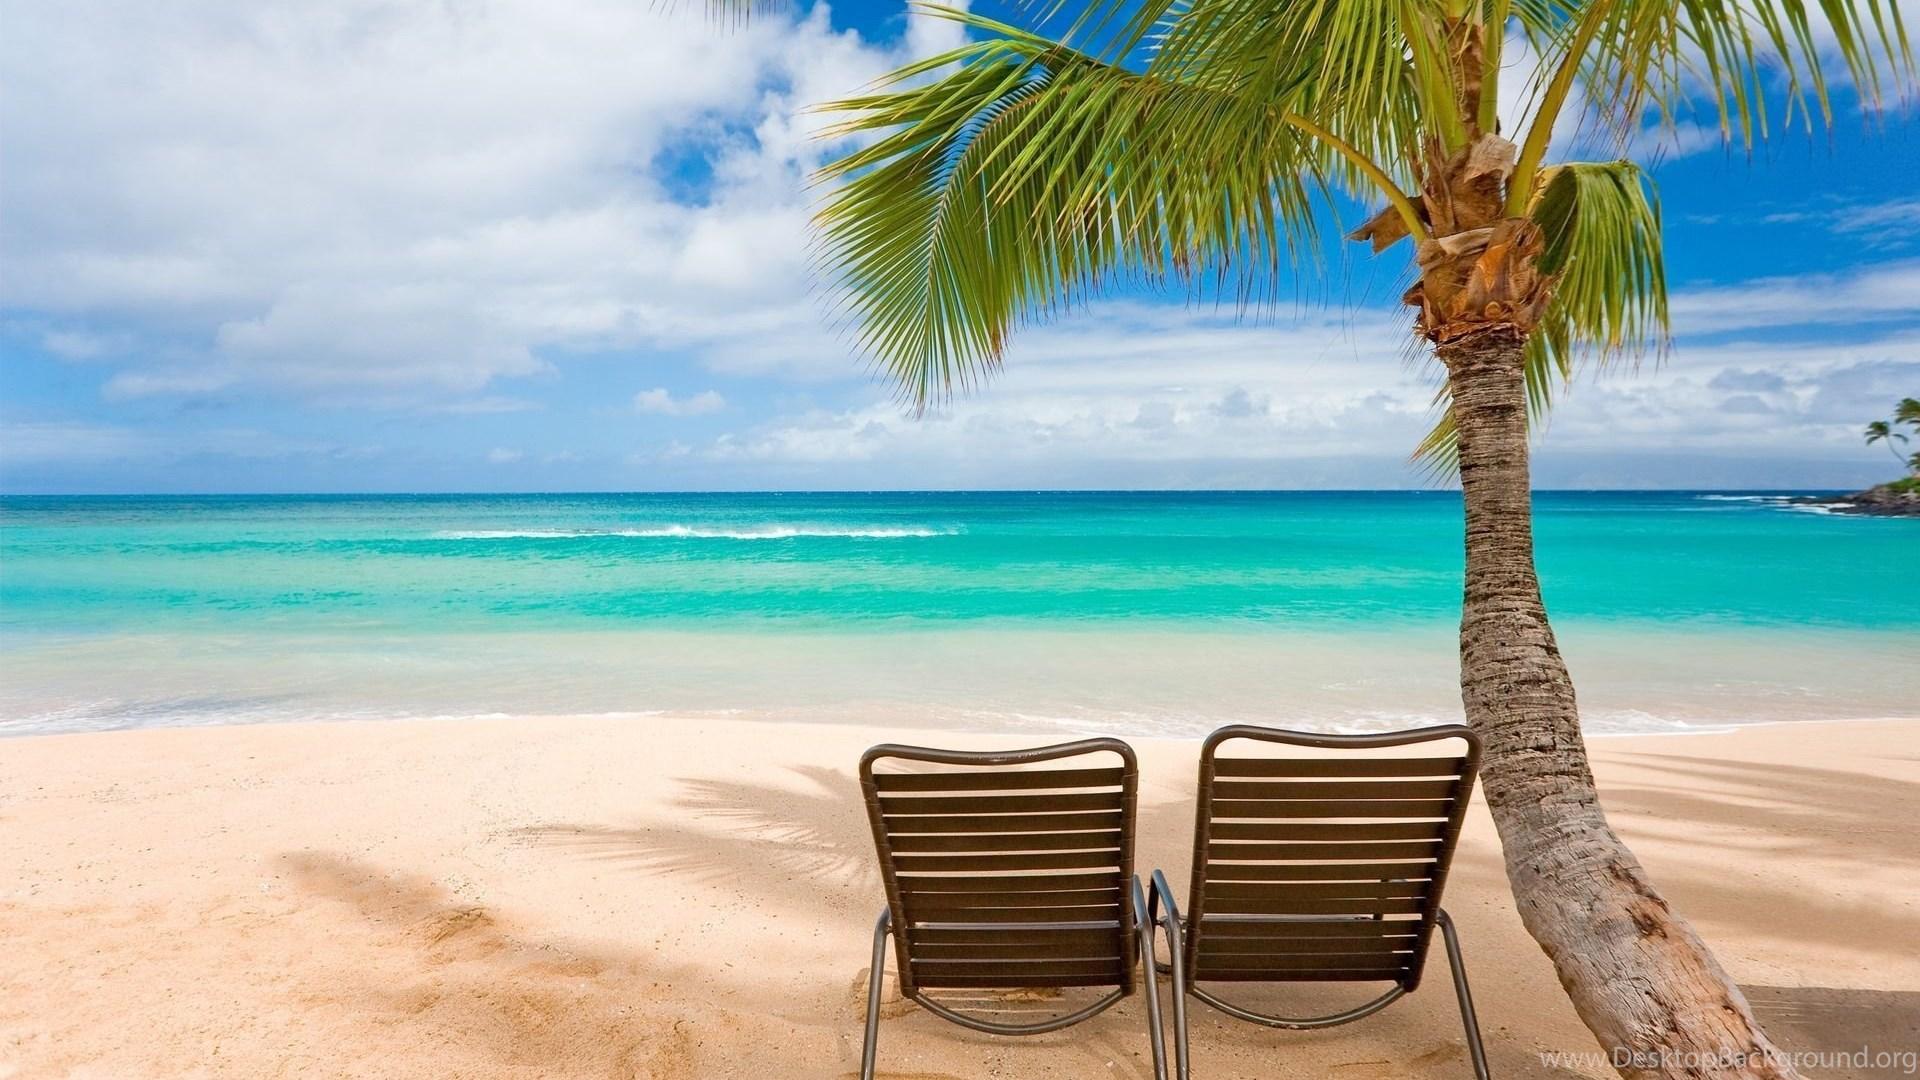 Hawaii Beach Sunset Wallpaper Desktop Background